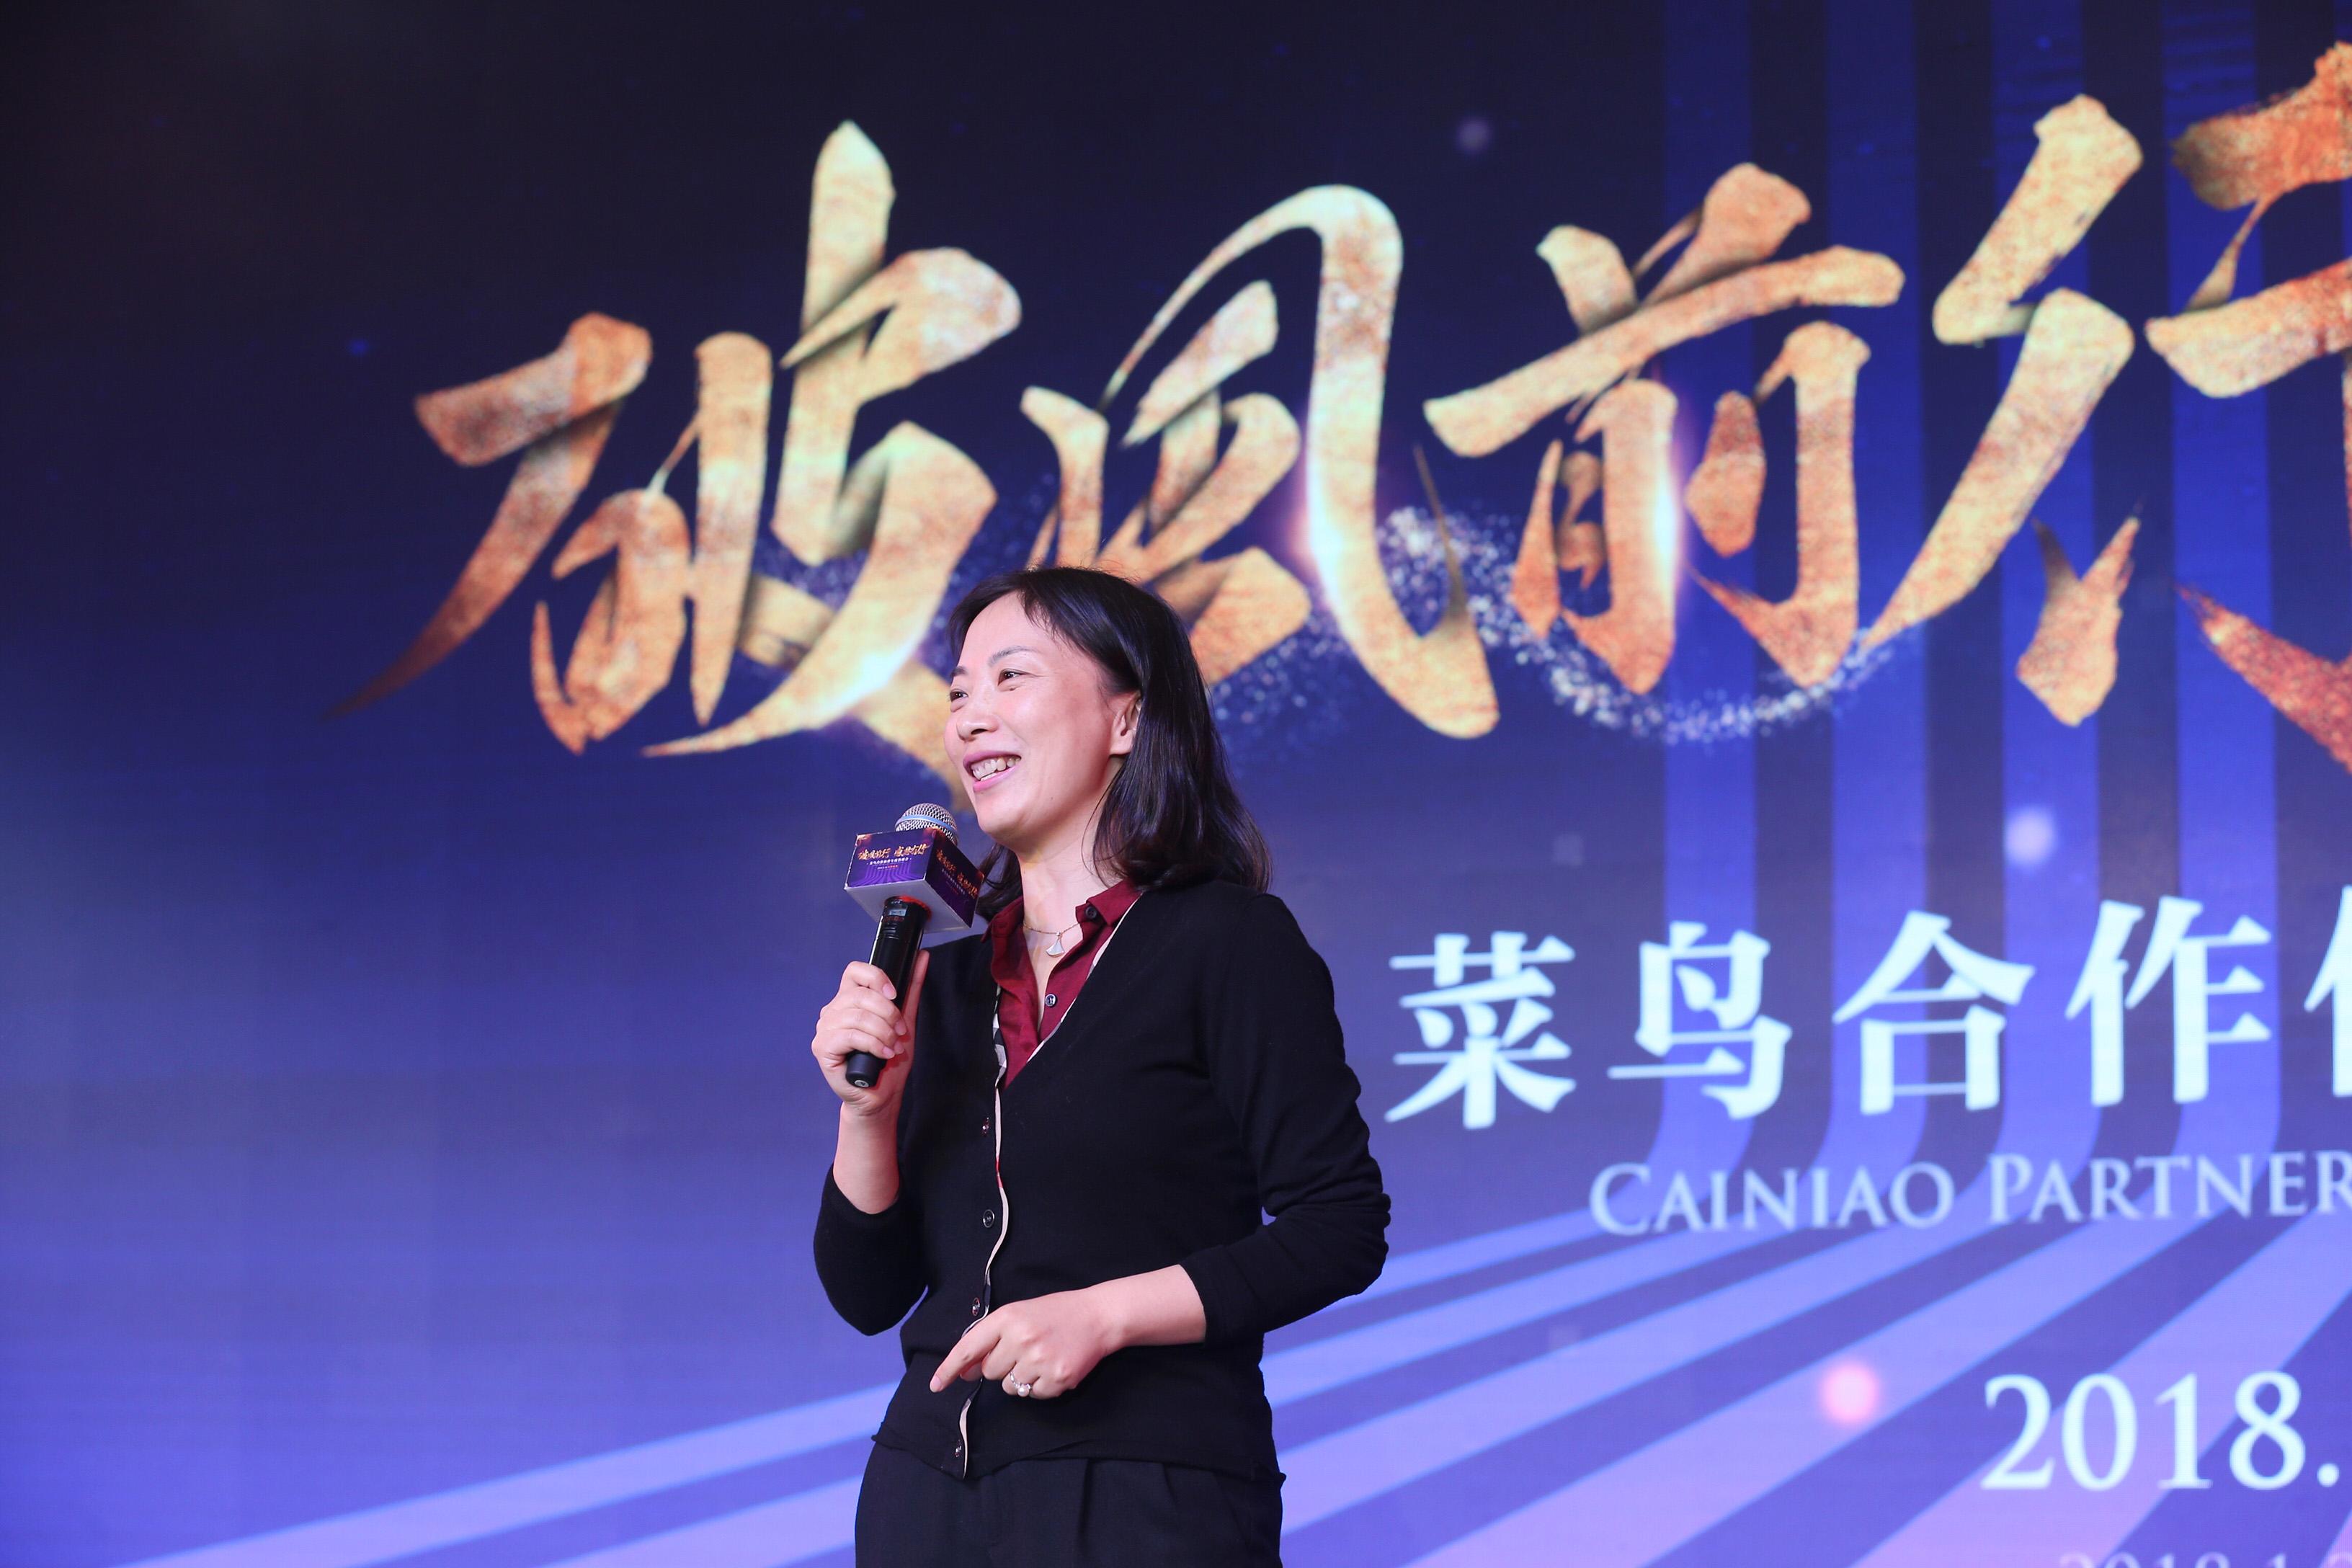 菜鸟宣布春节物流不打烊:给天猫配送员发放团圆基金